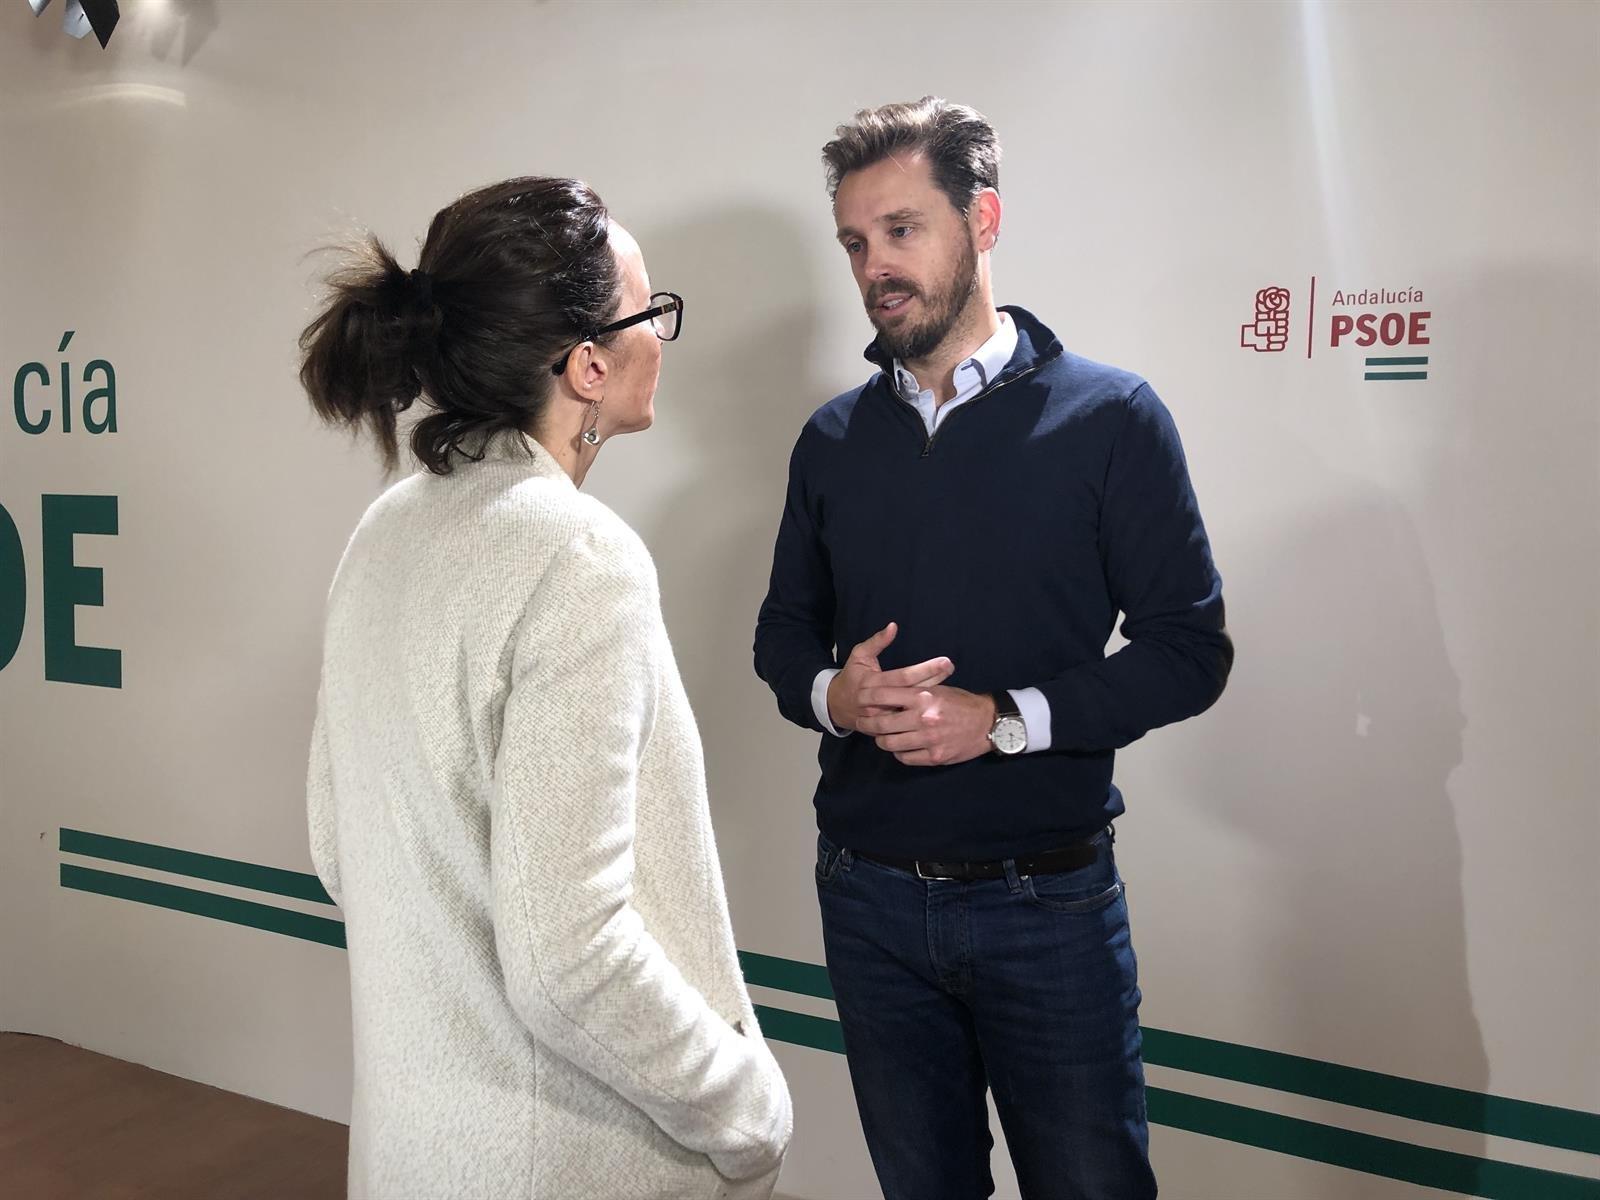 El PSOE denuncia el rechazo de la Junta a las enmiendas para «mejorar y paliar» recortes presupuestarios en Granada